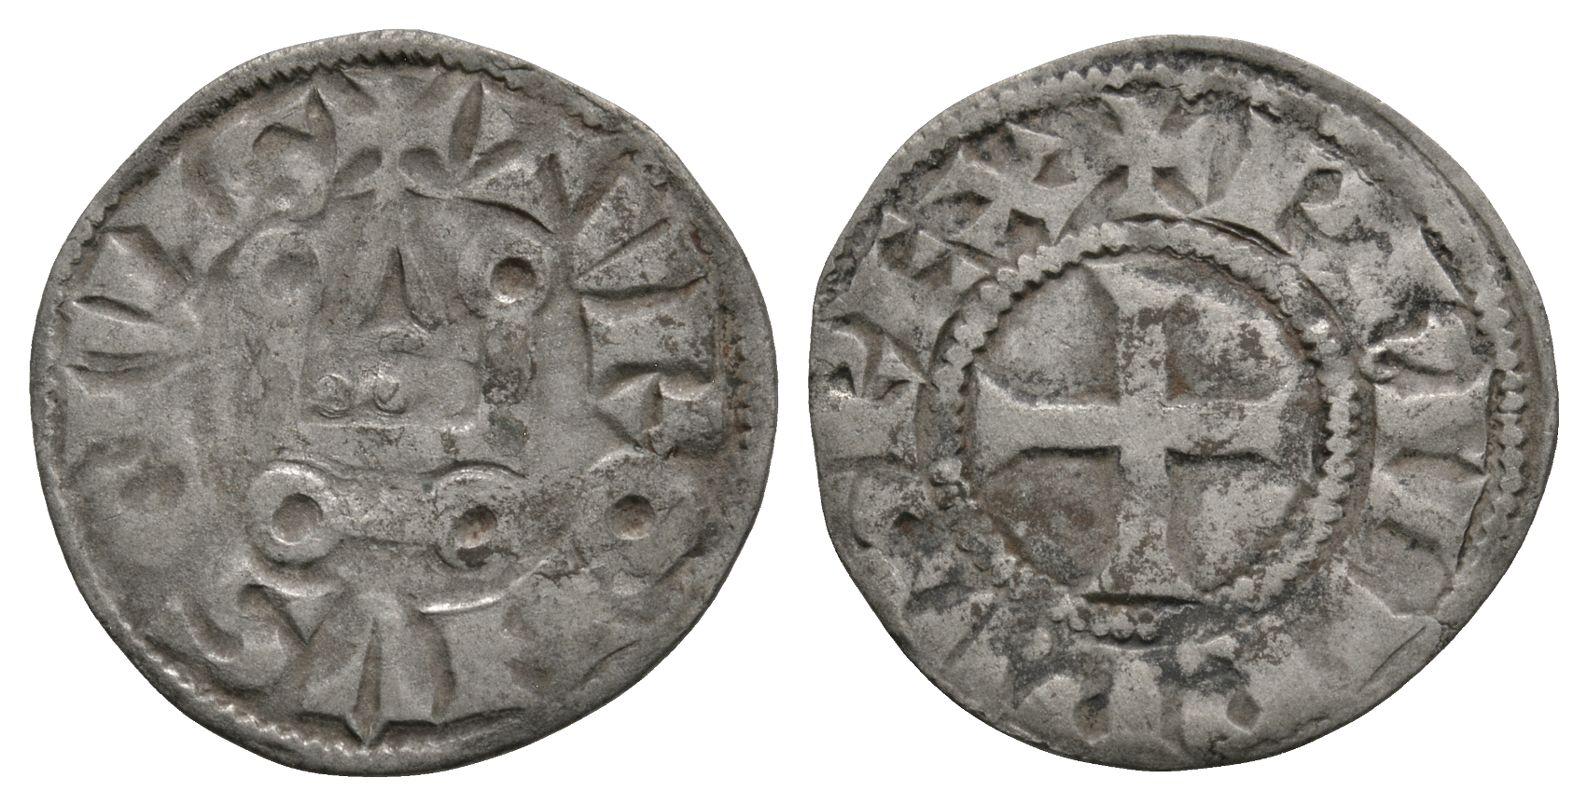 World Coins - France - Tours - Philip IV (the Fair) -  Chapel Denier Tournois